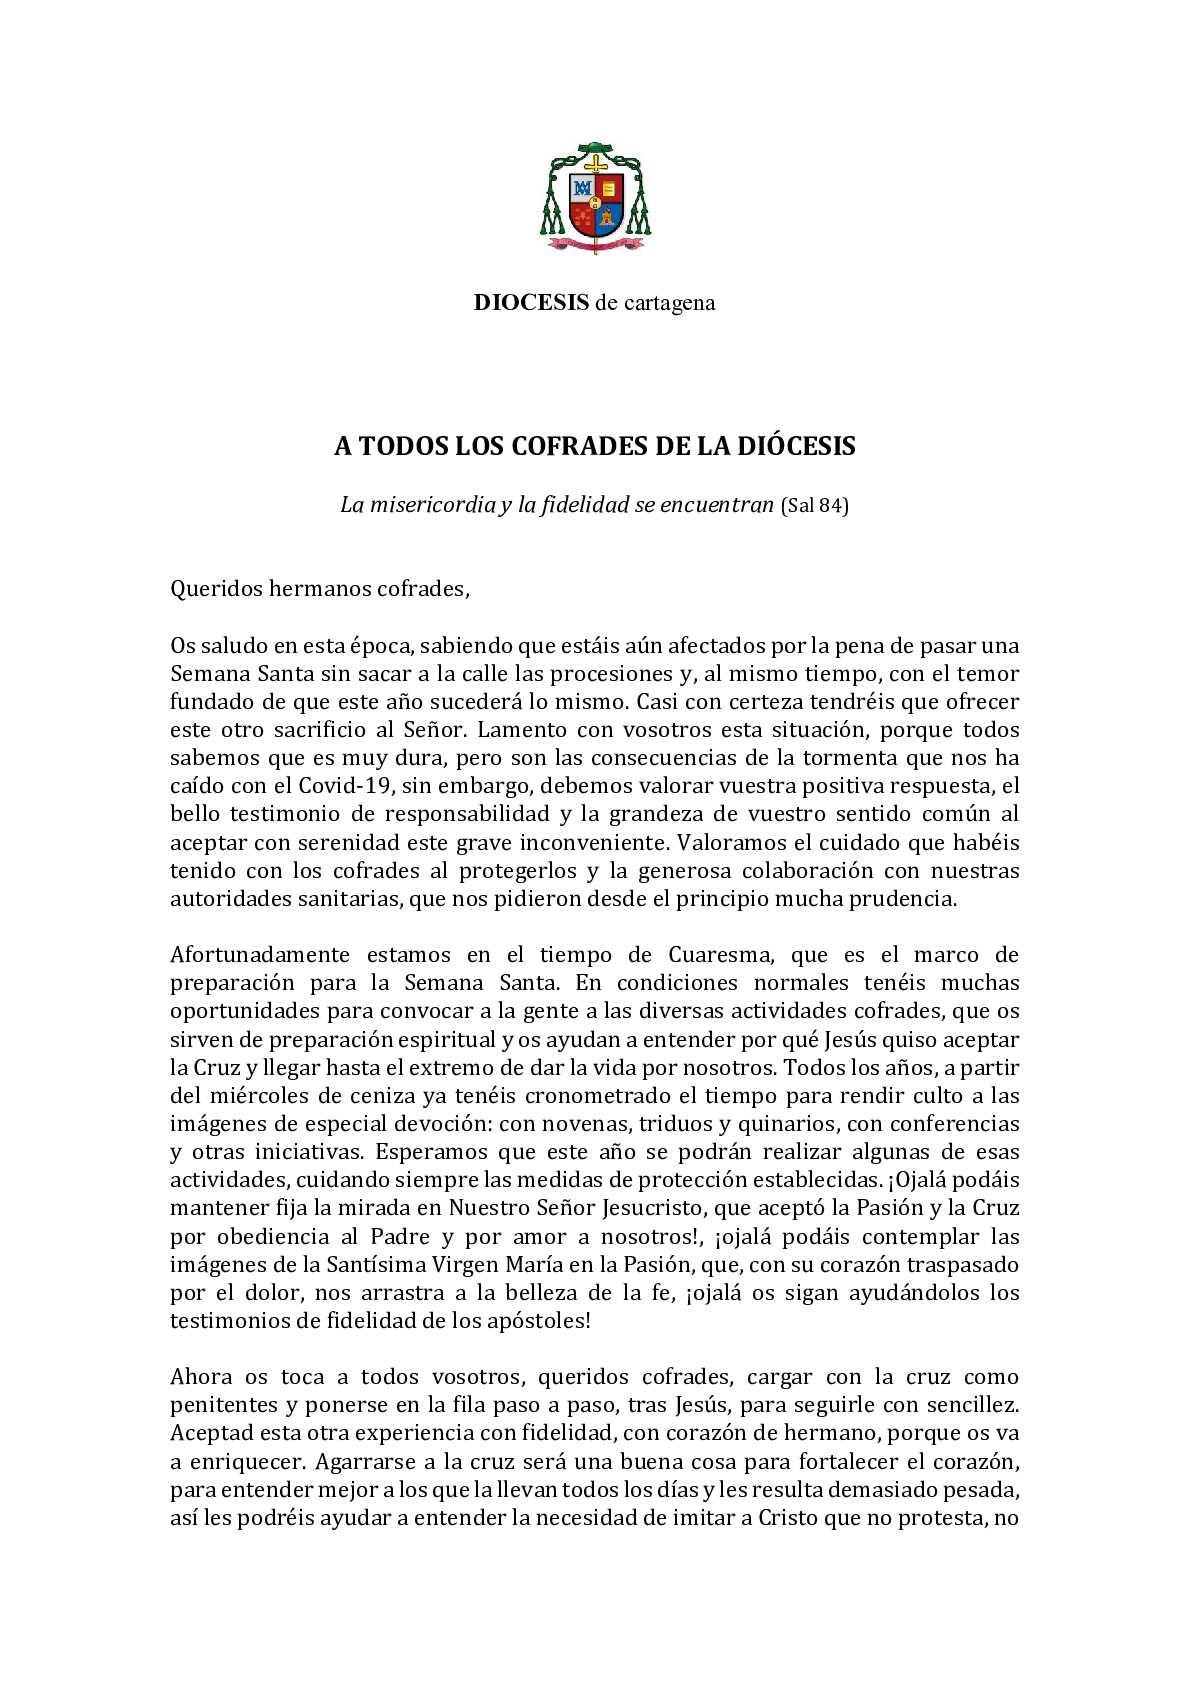 Carta Cofradias 21012021.pdf